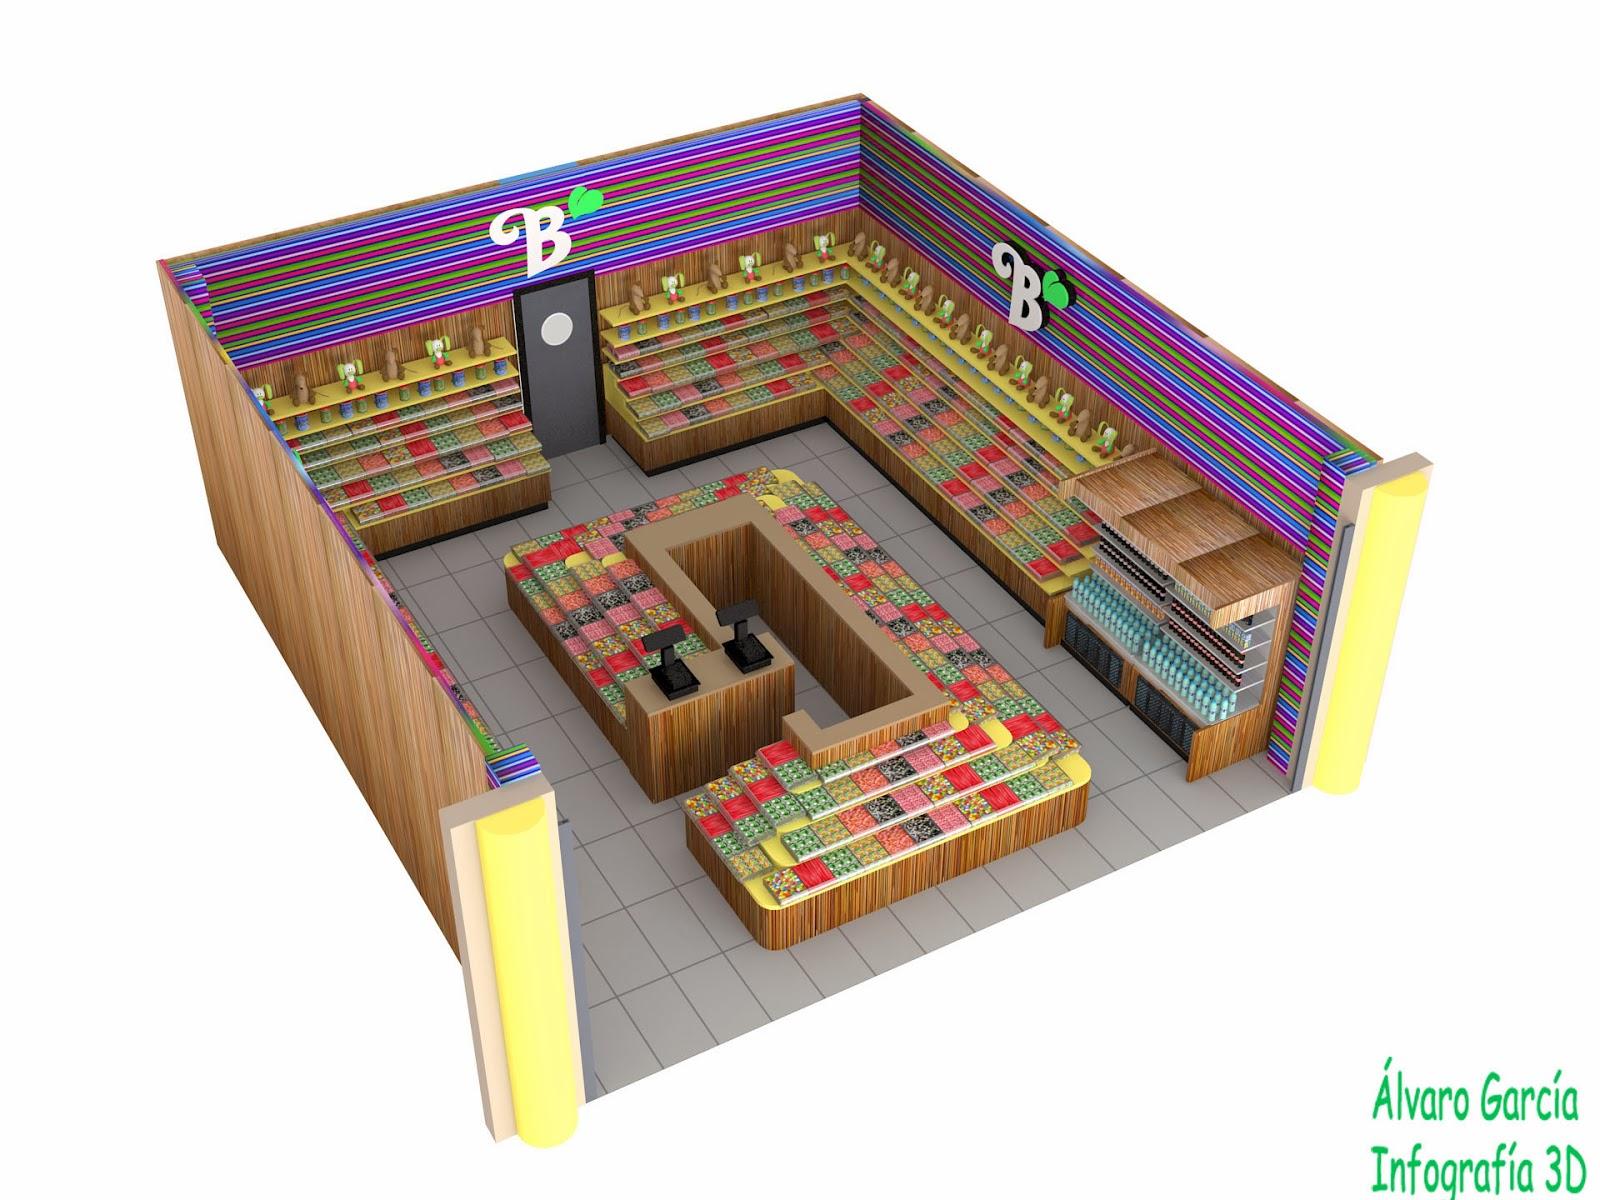 Infografia 3d dise o interiores for Infografia 3d